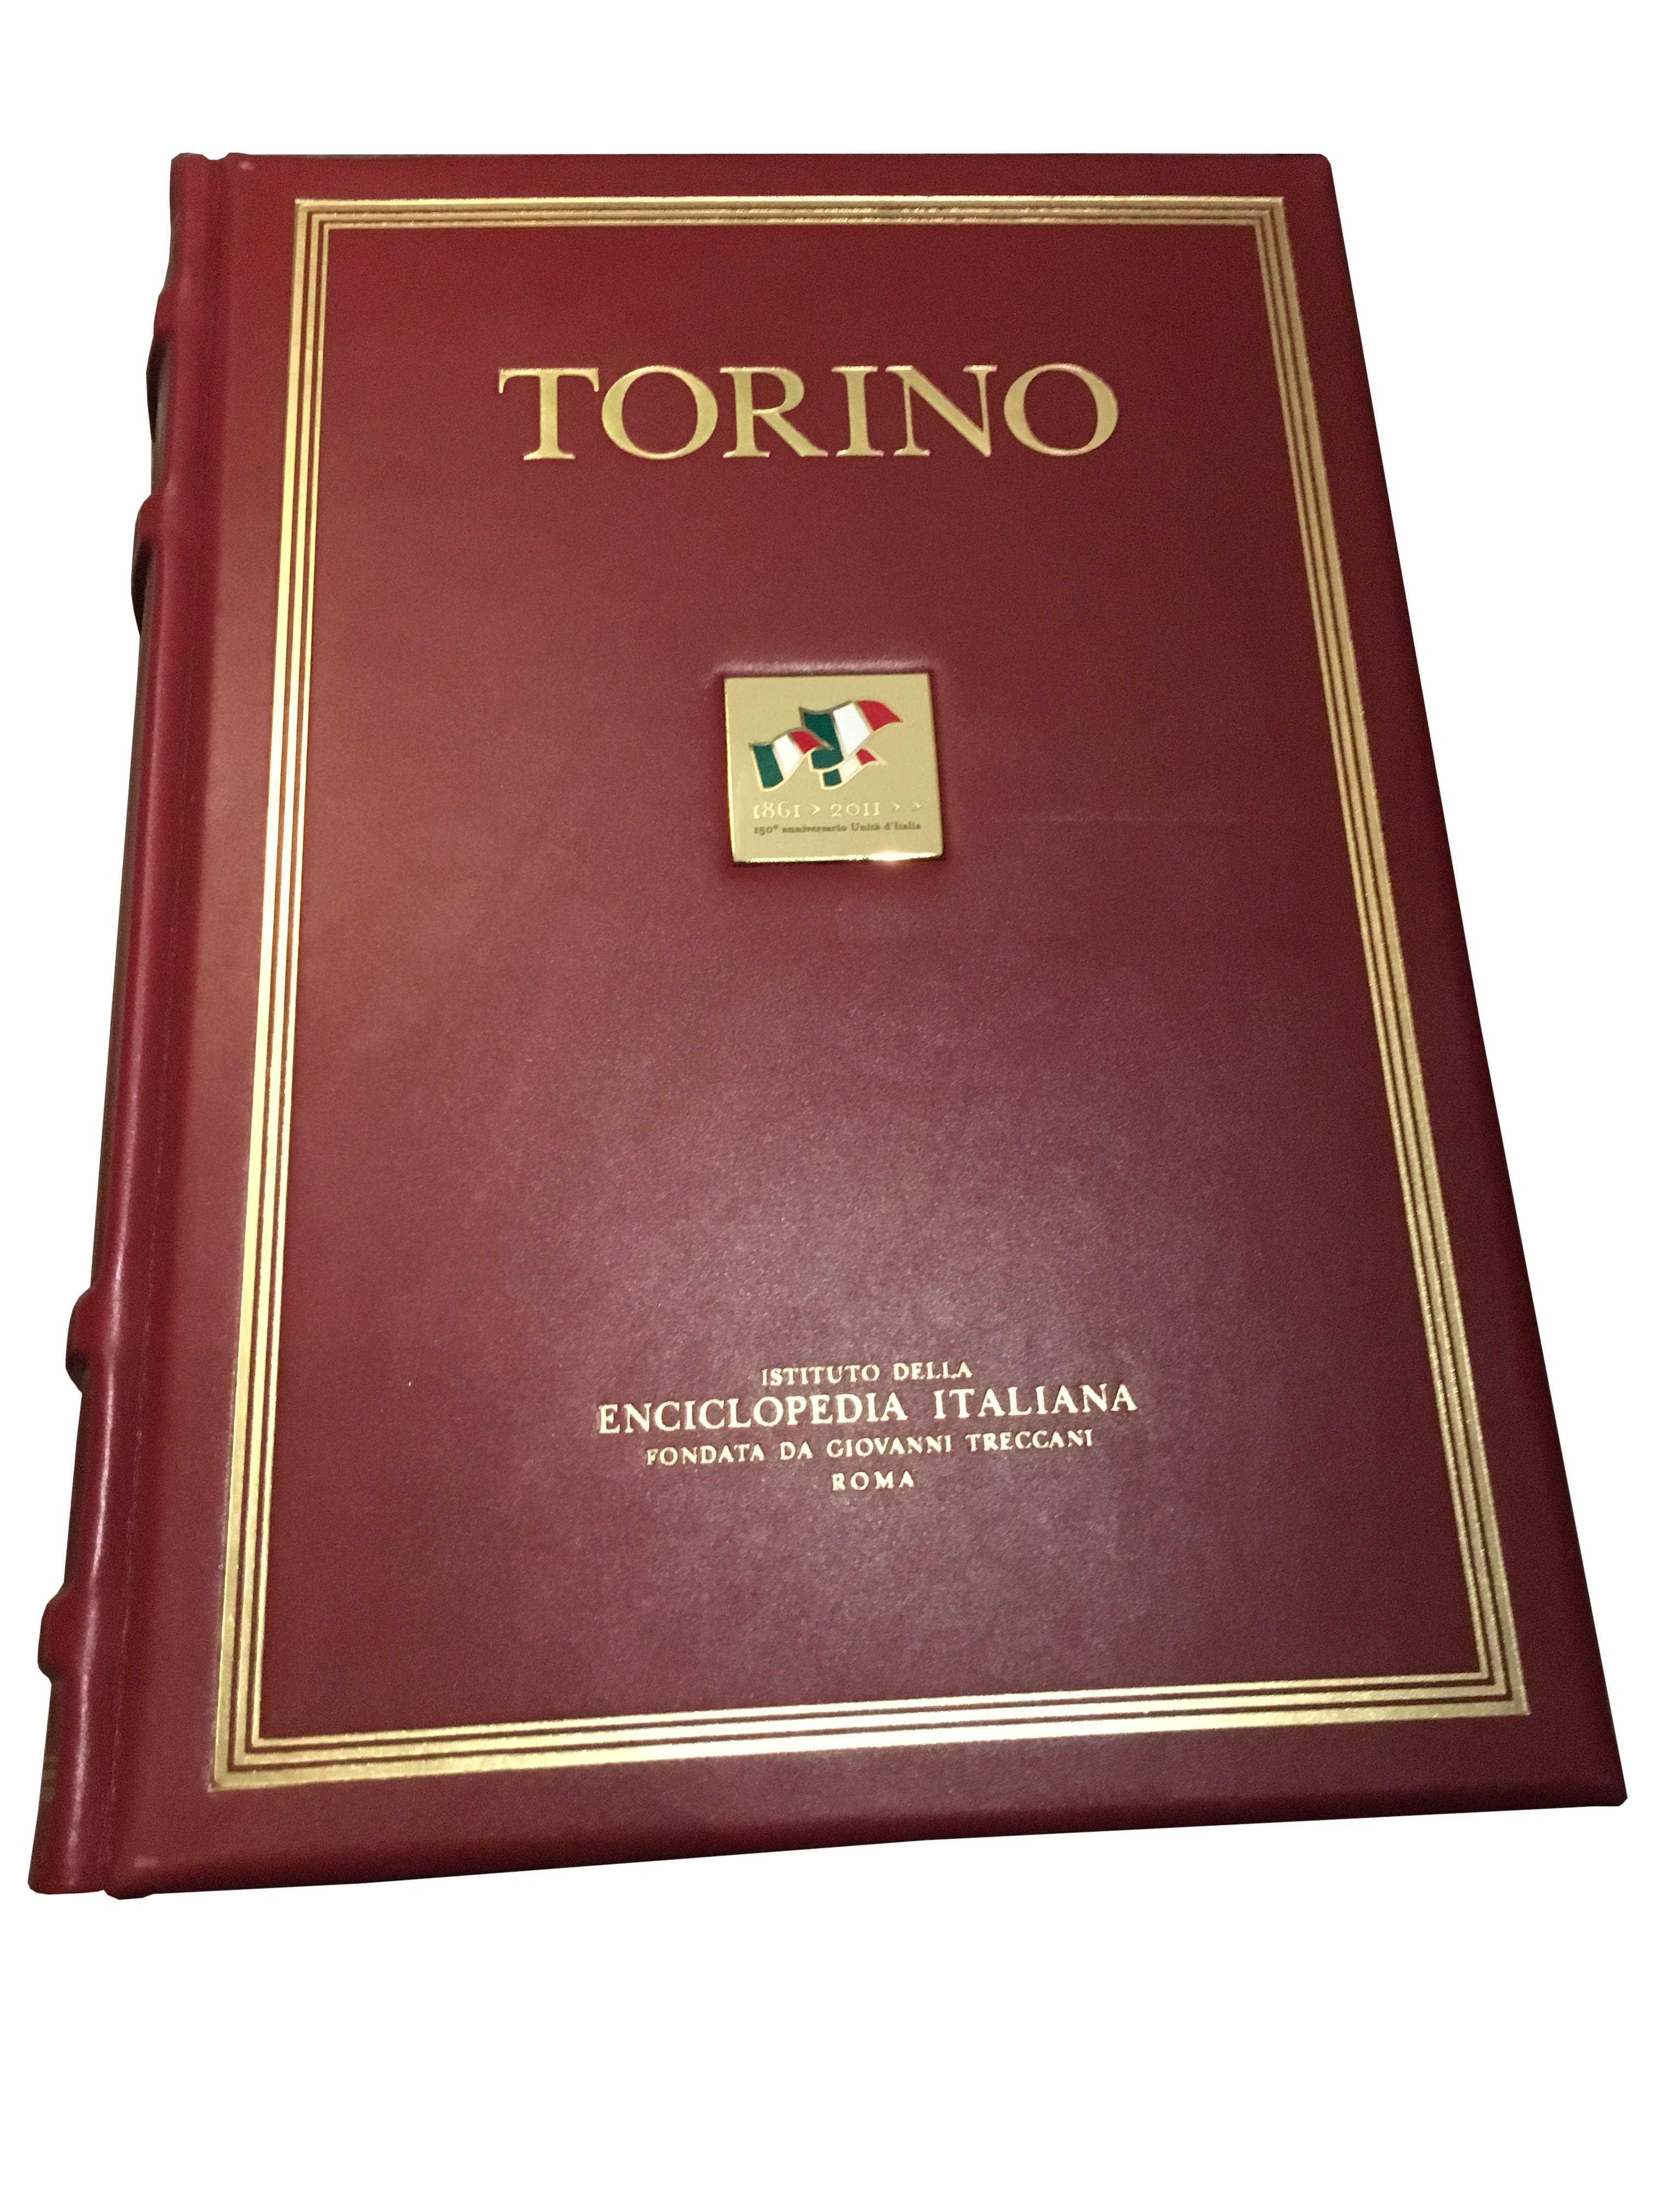 Torino – Treccani